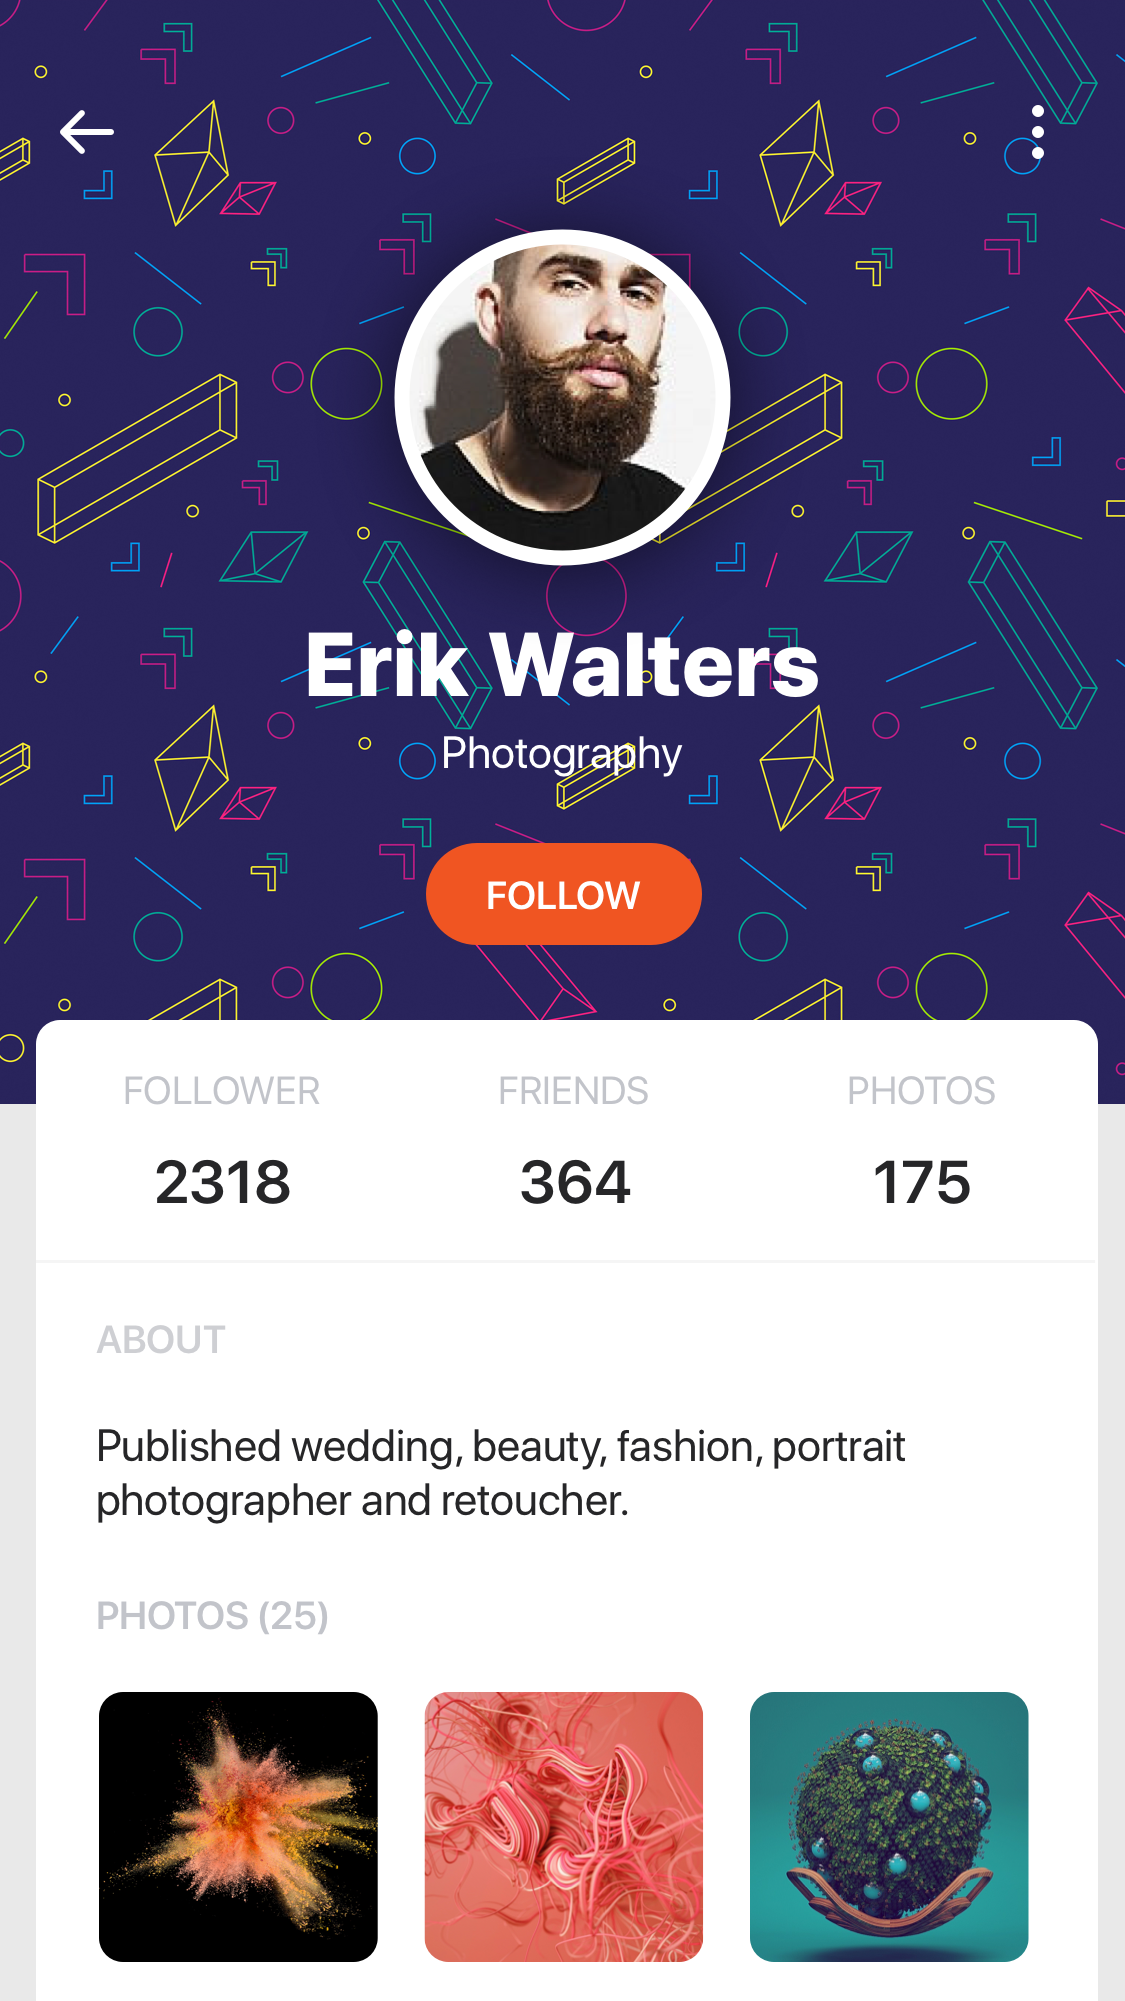 一款国外时尚分享类APP博客设计素材  Profiles Mocha UI Kit